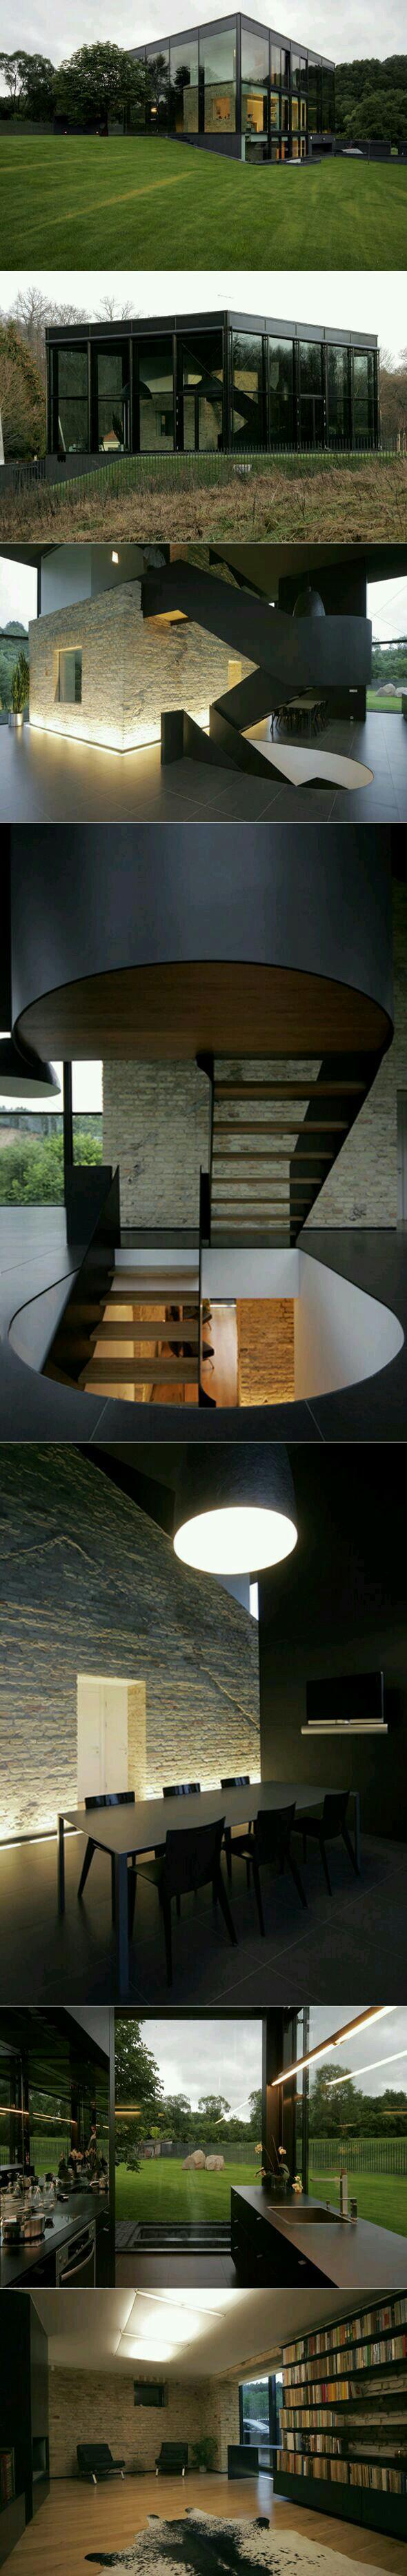 Pin von Miguel Torres auf home   Pinterest   Architektur